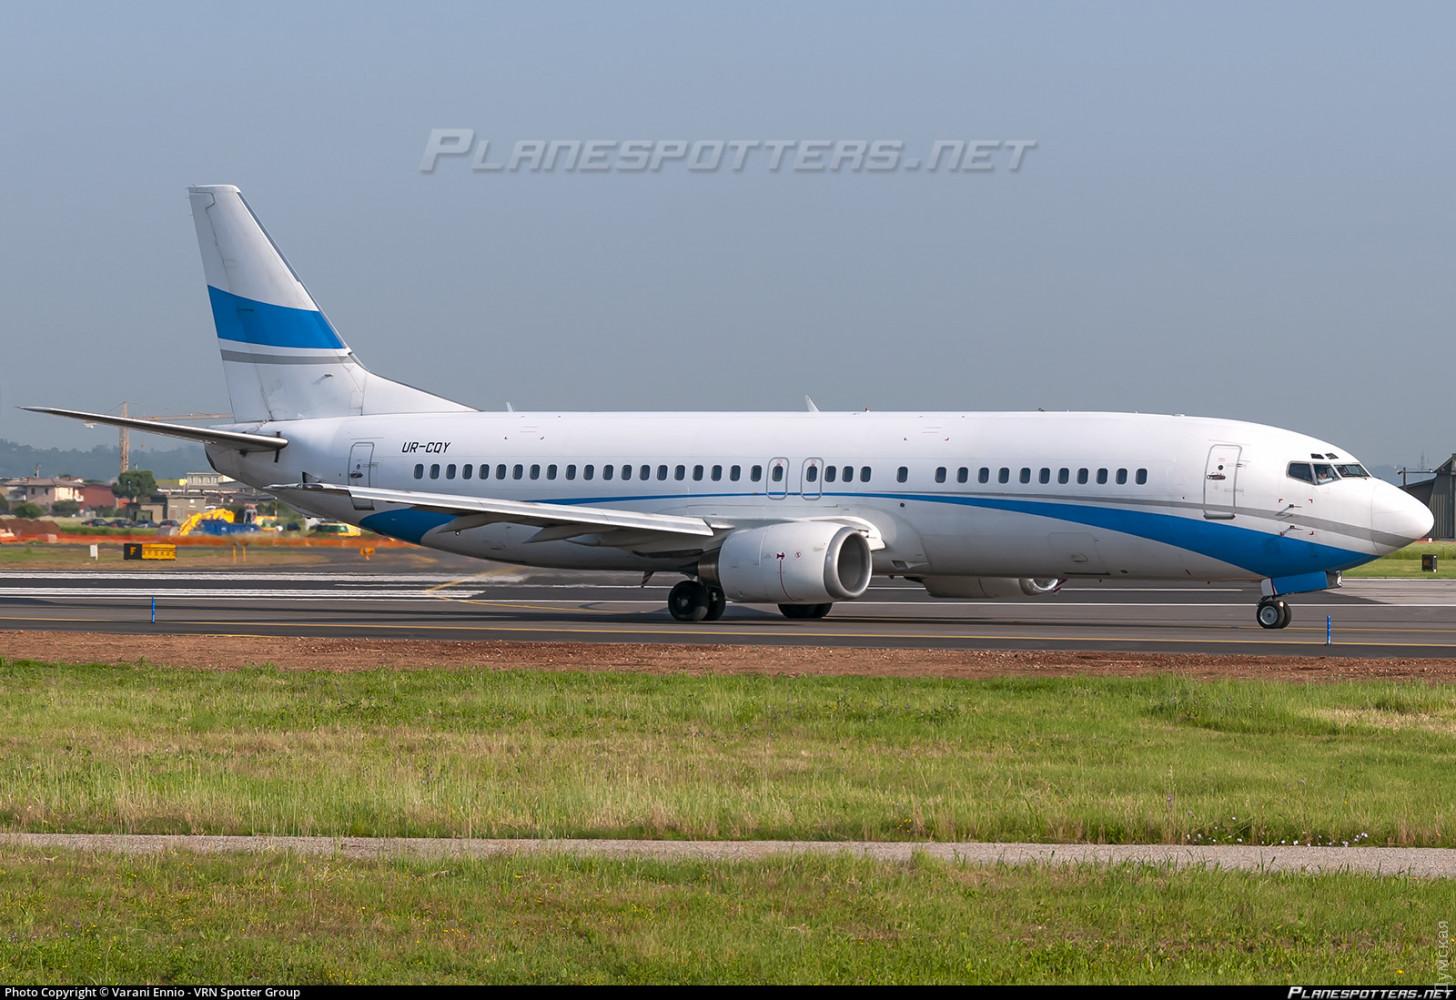 """Борт UR-CQY авиакомпании """"Джоника"""" в ливрее бывшего владельца - Enter Air. Фото Varani Ennio"""